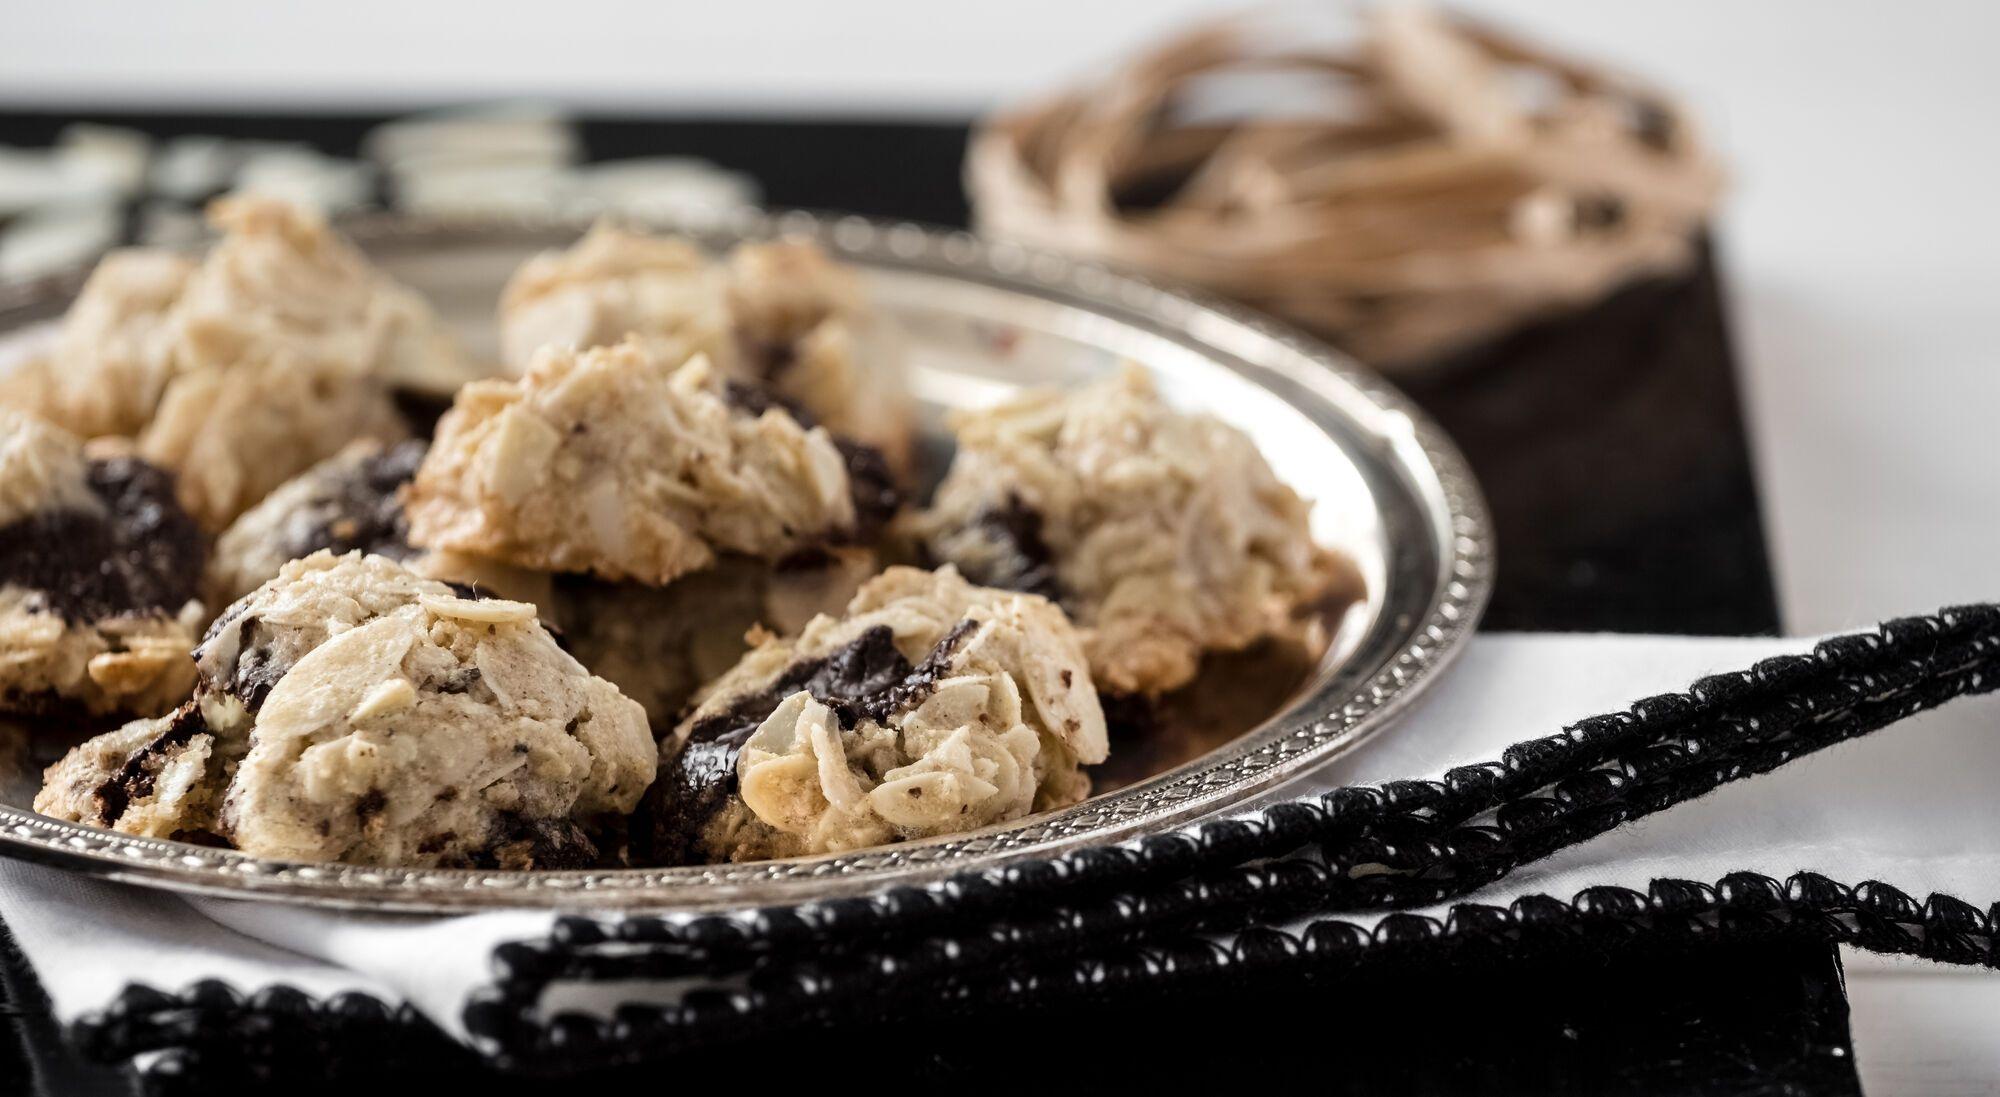 מתכון לפסח: עוגיות שקדים מדופדפים ושוקולד